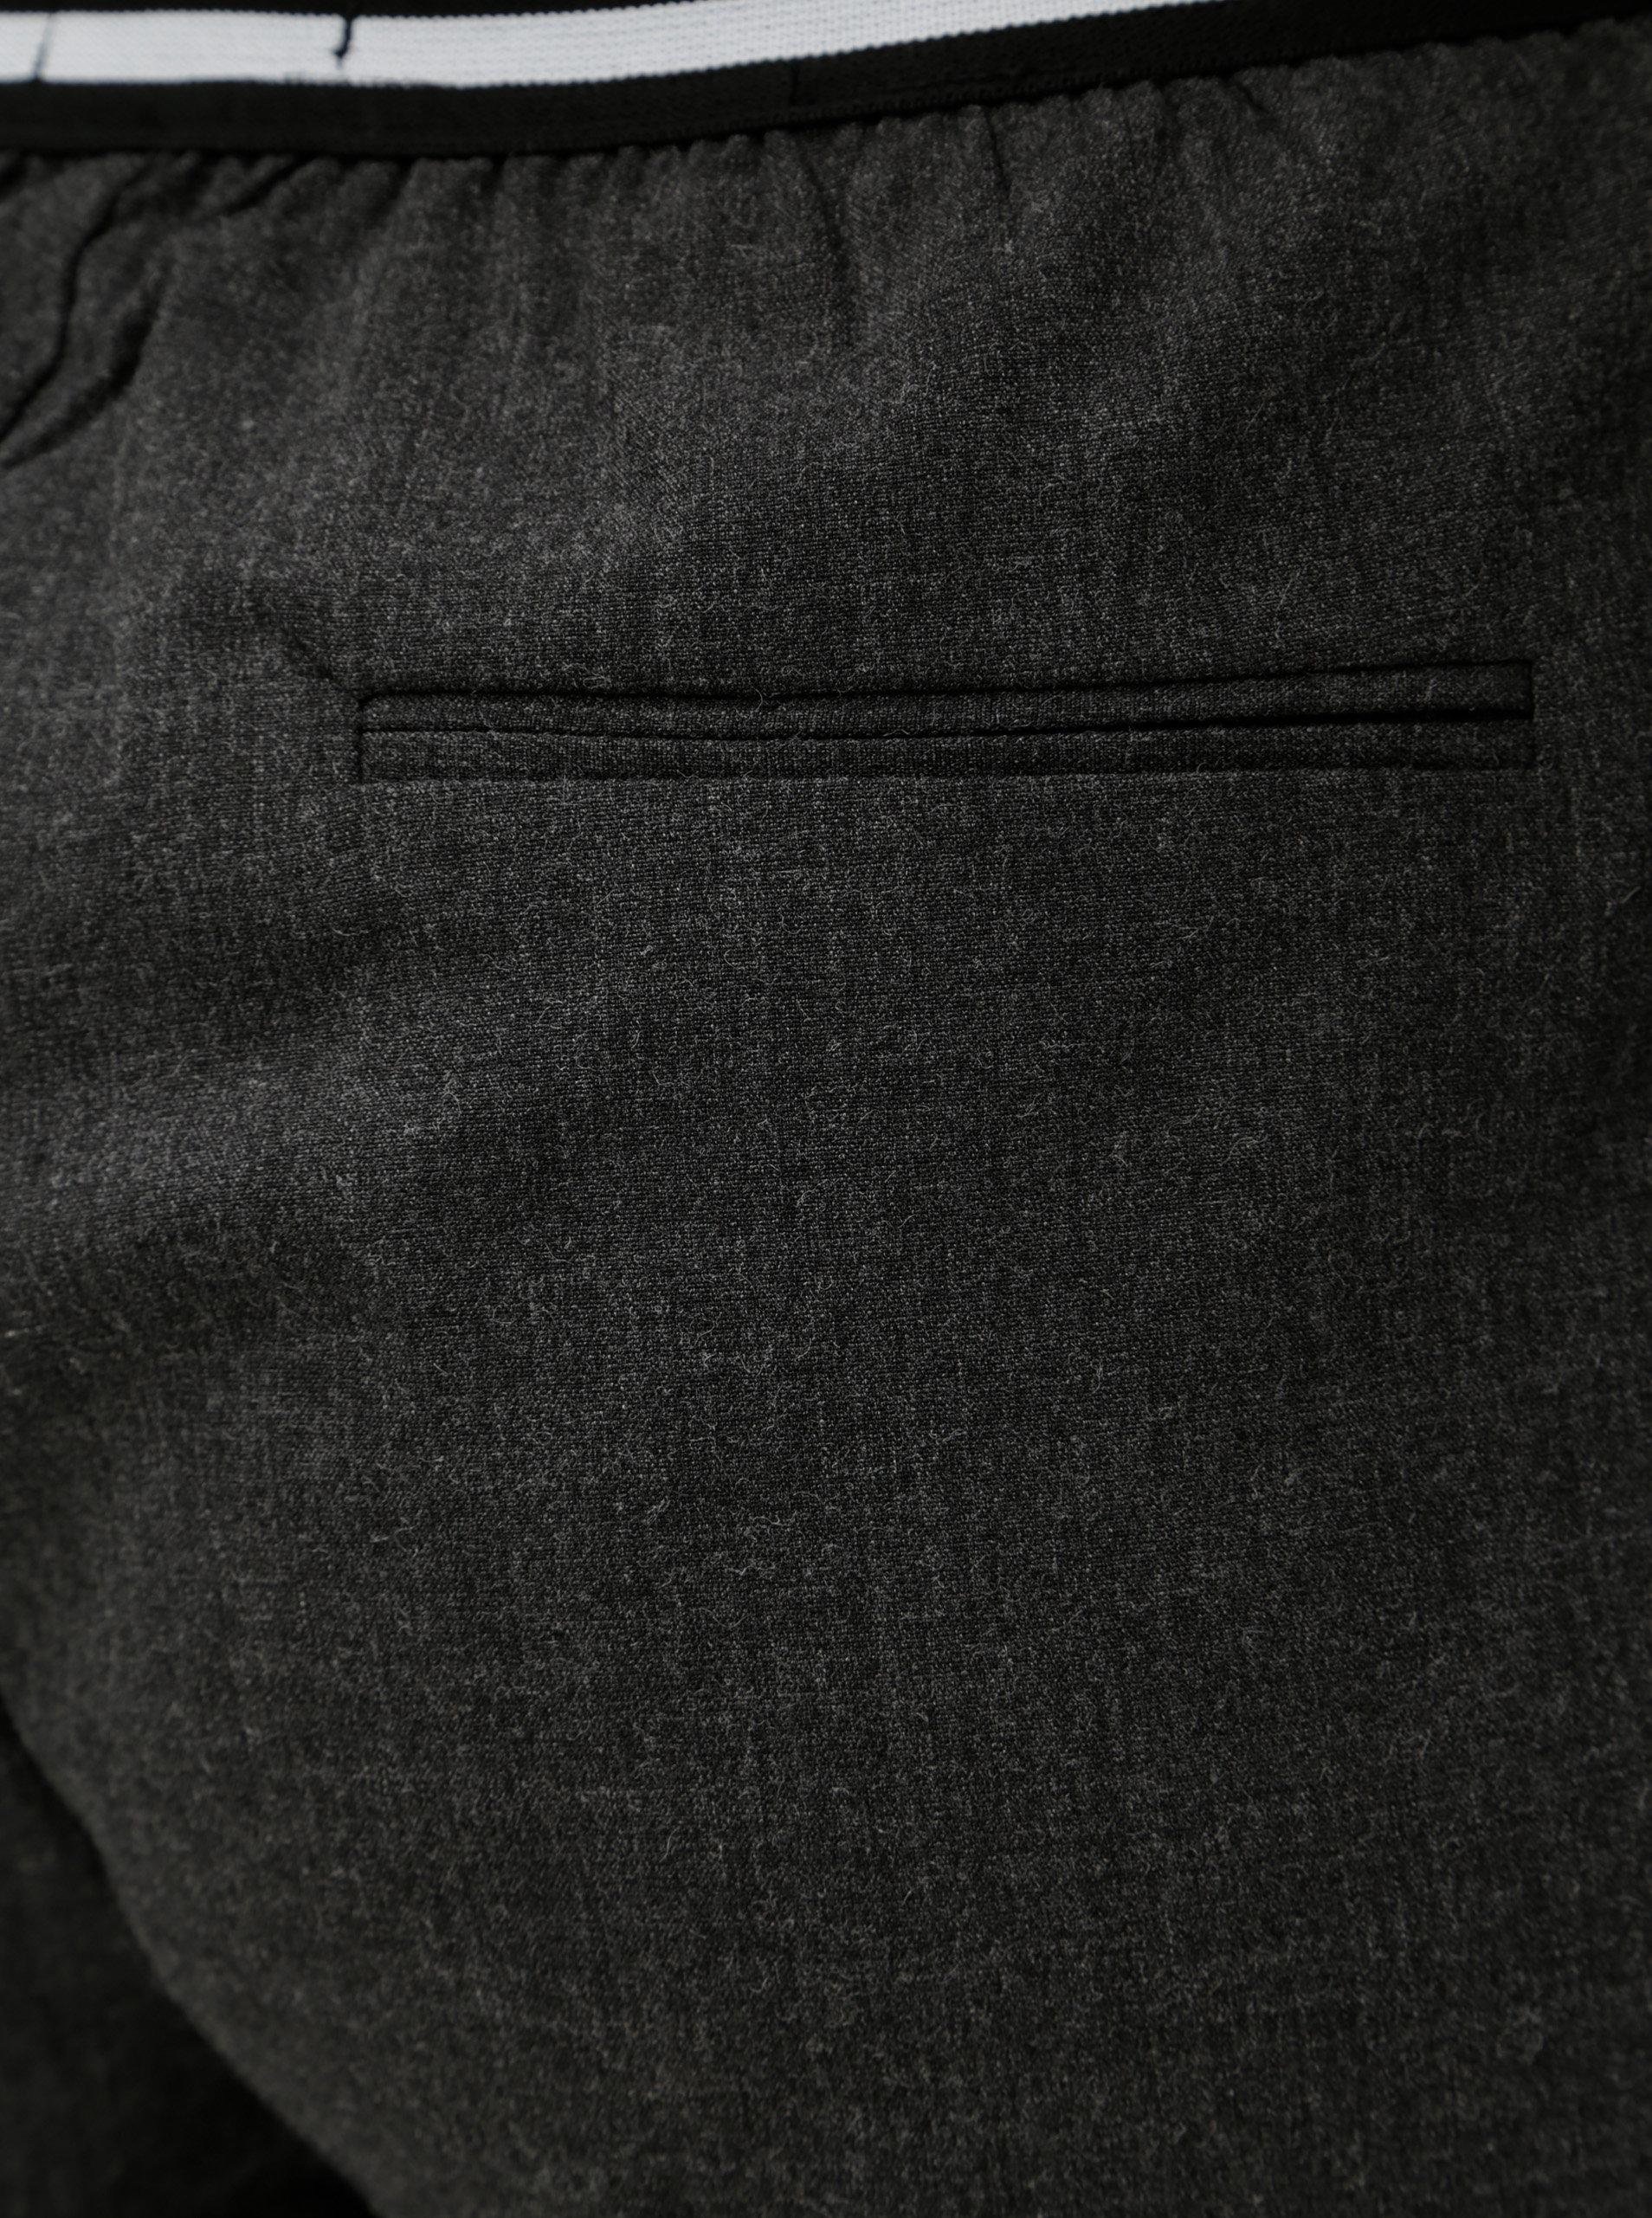 Šedé dámské zkrácené kalhoty s elastickým pasem Broadway Gabby ... 87a9d5c6d3